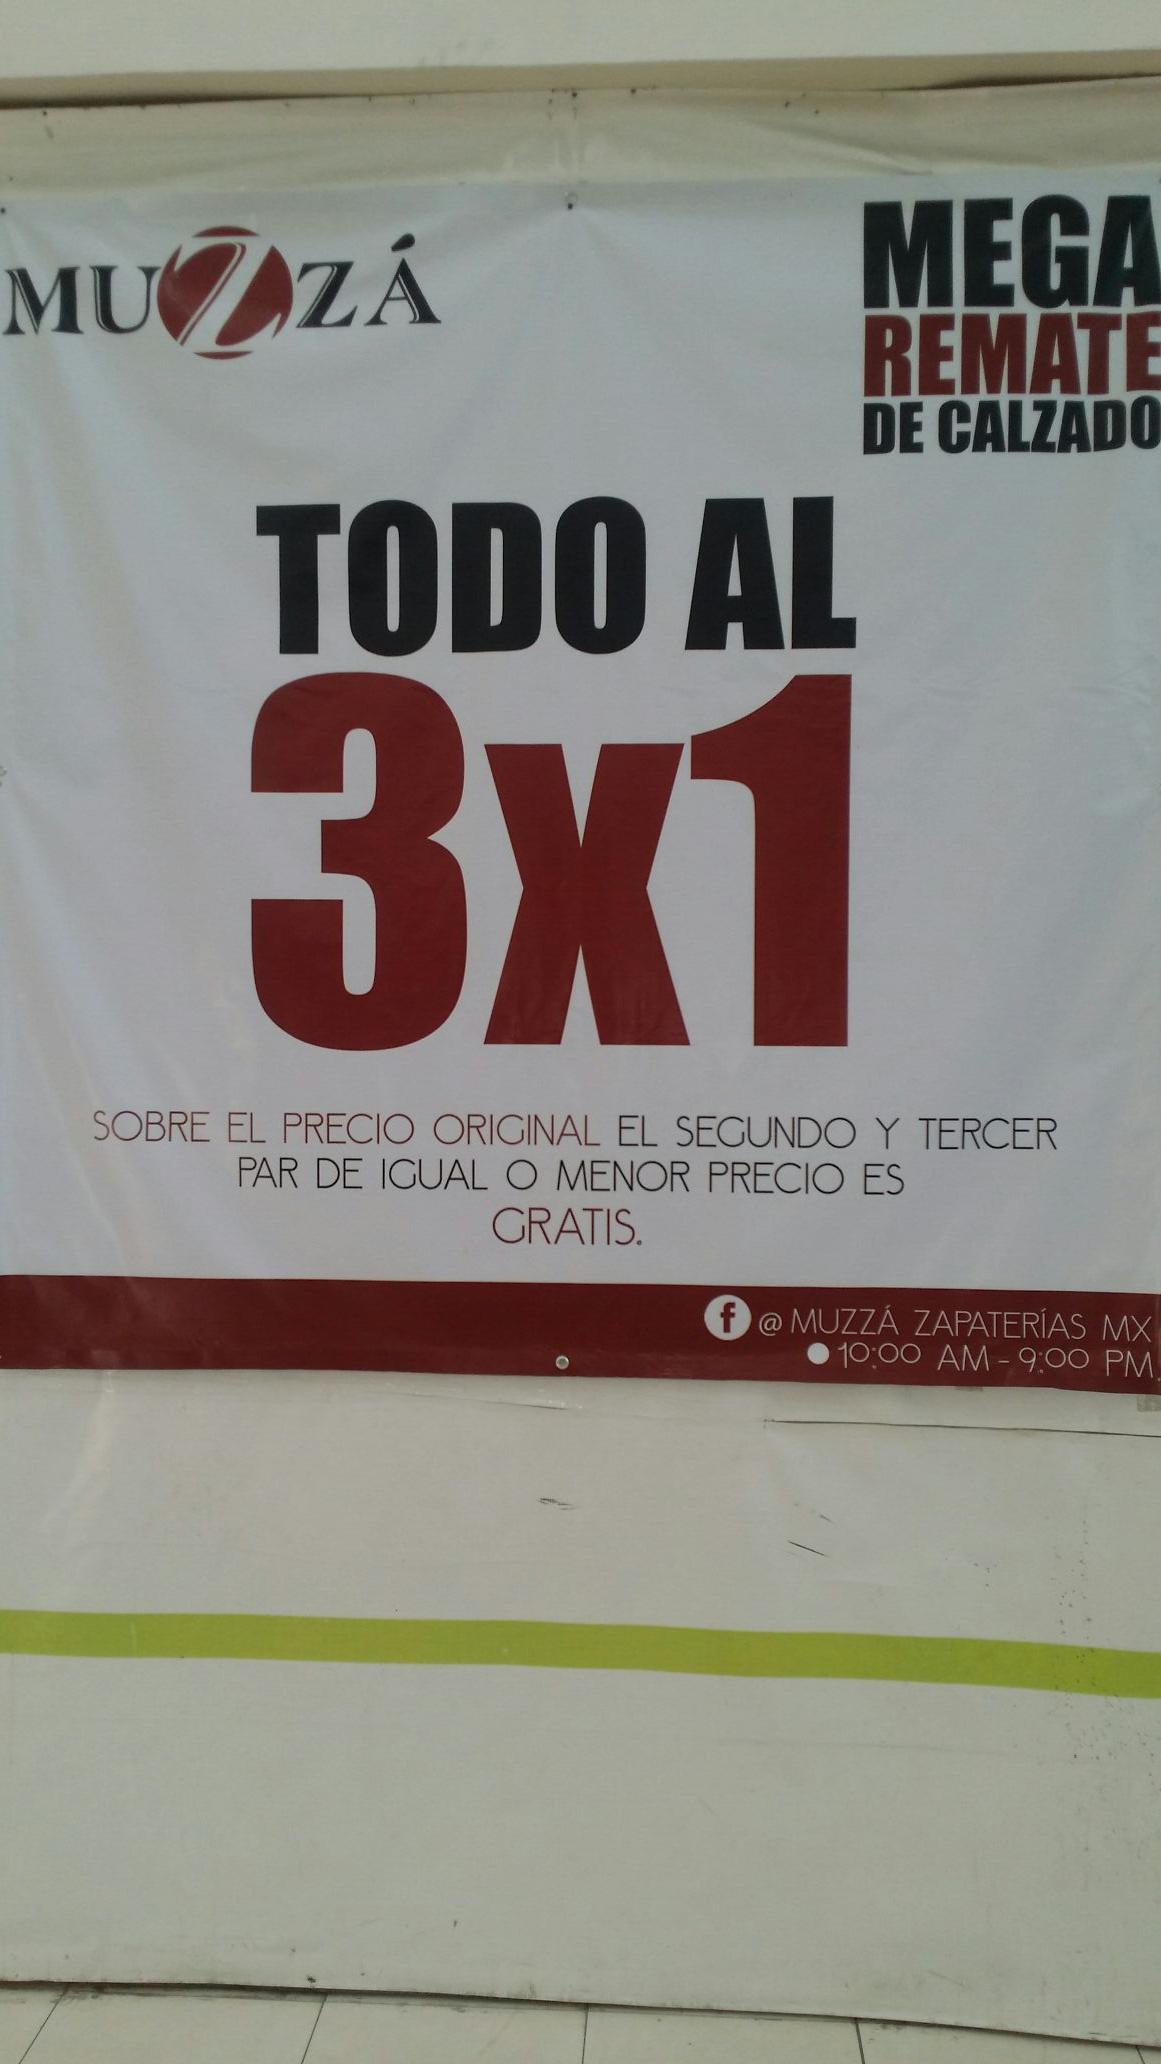 HEB Concordia, Apodaca, NL. ¡Liquidación por cierre  zapateria MUZZA/OZZONO al 3x1